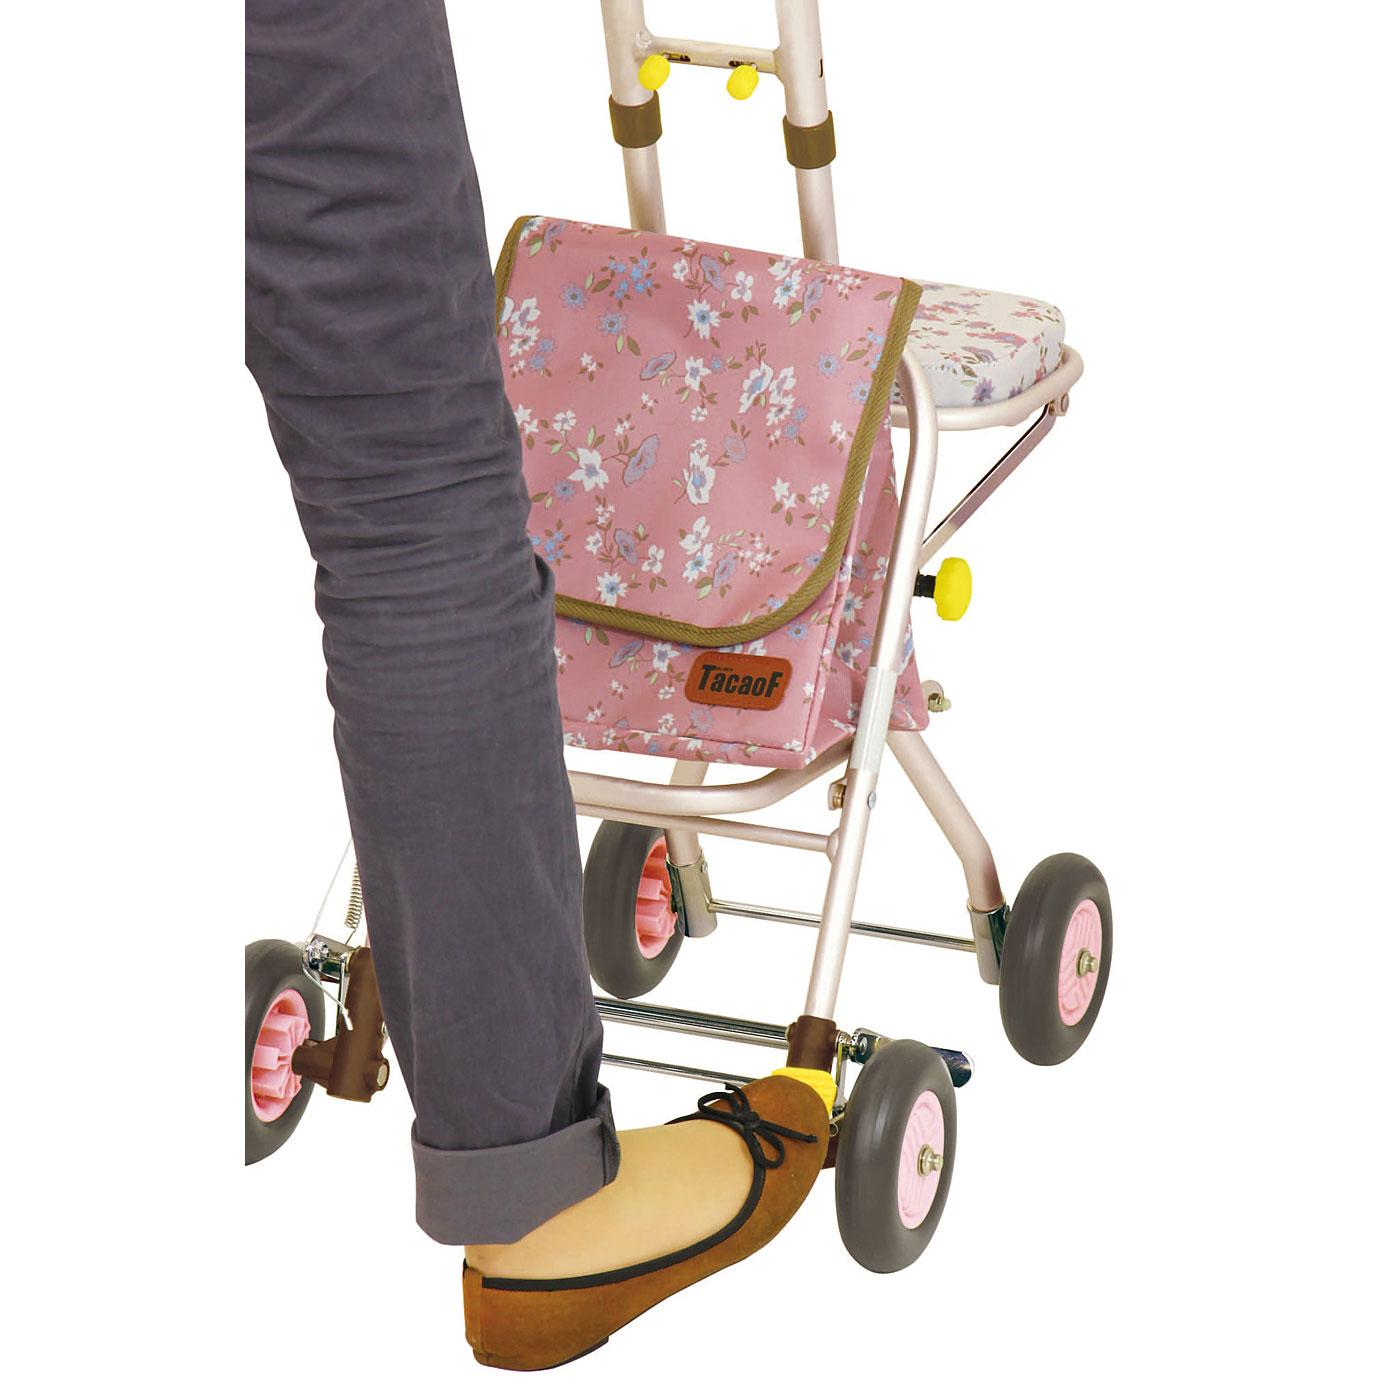 足元ストッパー。足元のペダルを踏む、あげることで後輪の固定、解除ができます。